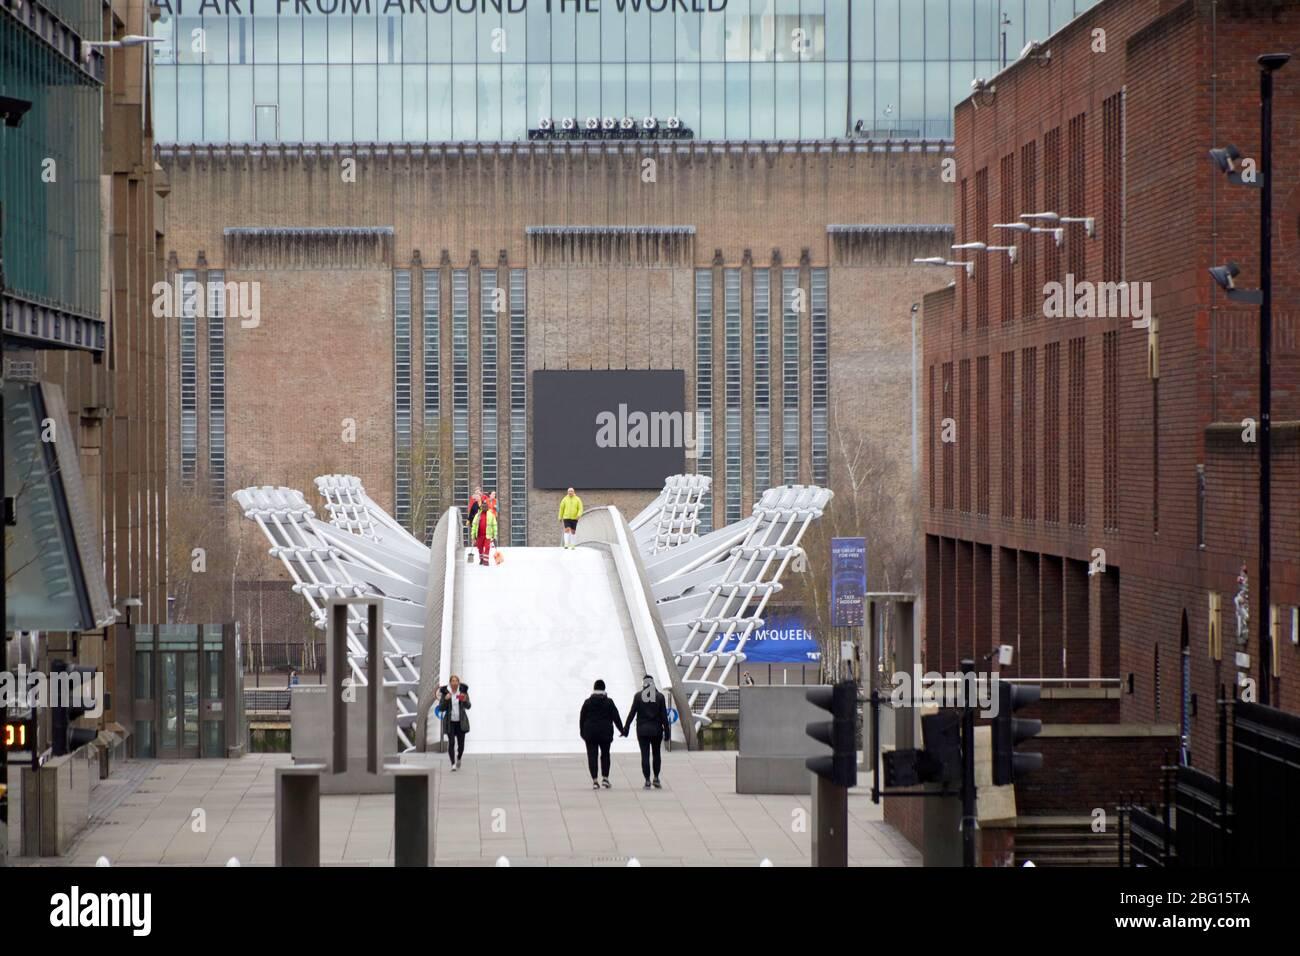 Persone che si allenano sulla strada di St Martin e il Millenium Bridge con Tate Modern durante i viaggi limitati di Coronavirus COVID-19 Lockdown a Londra EC4 Foto Stock